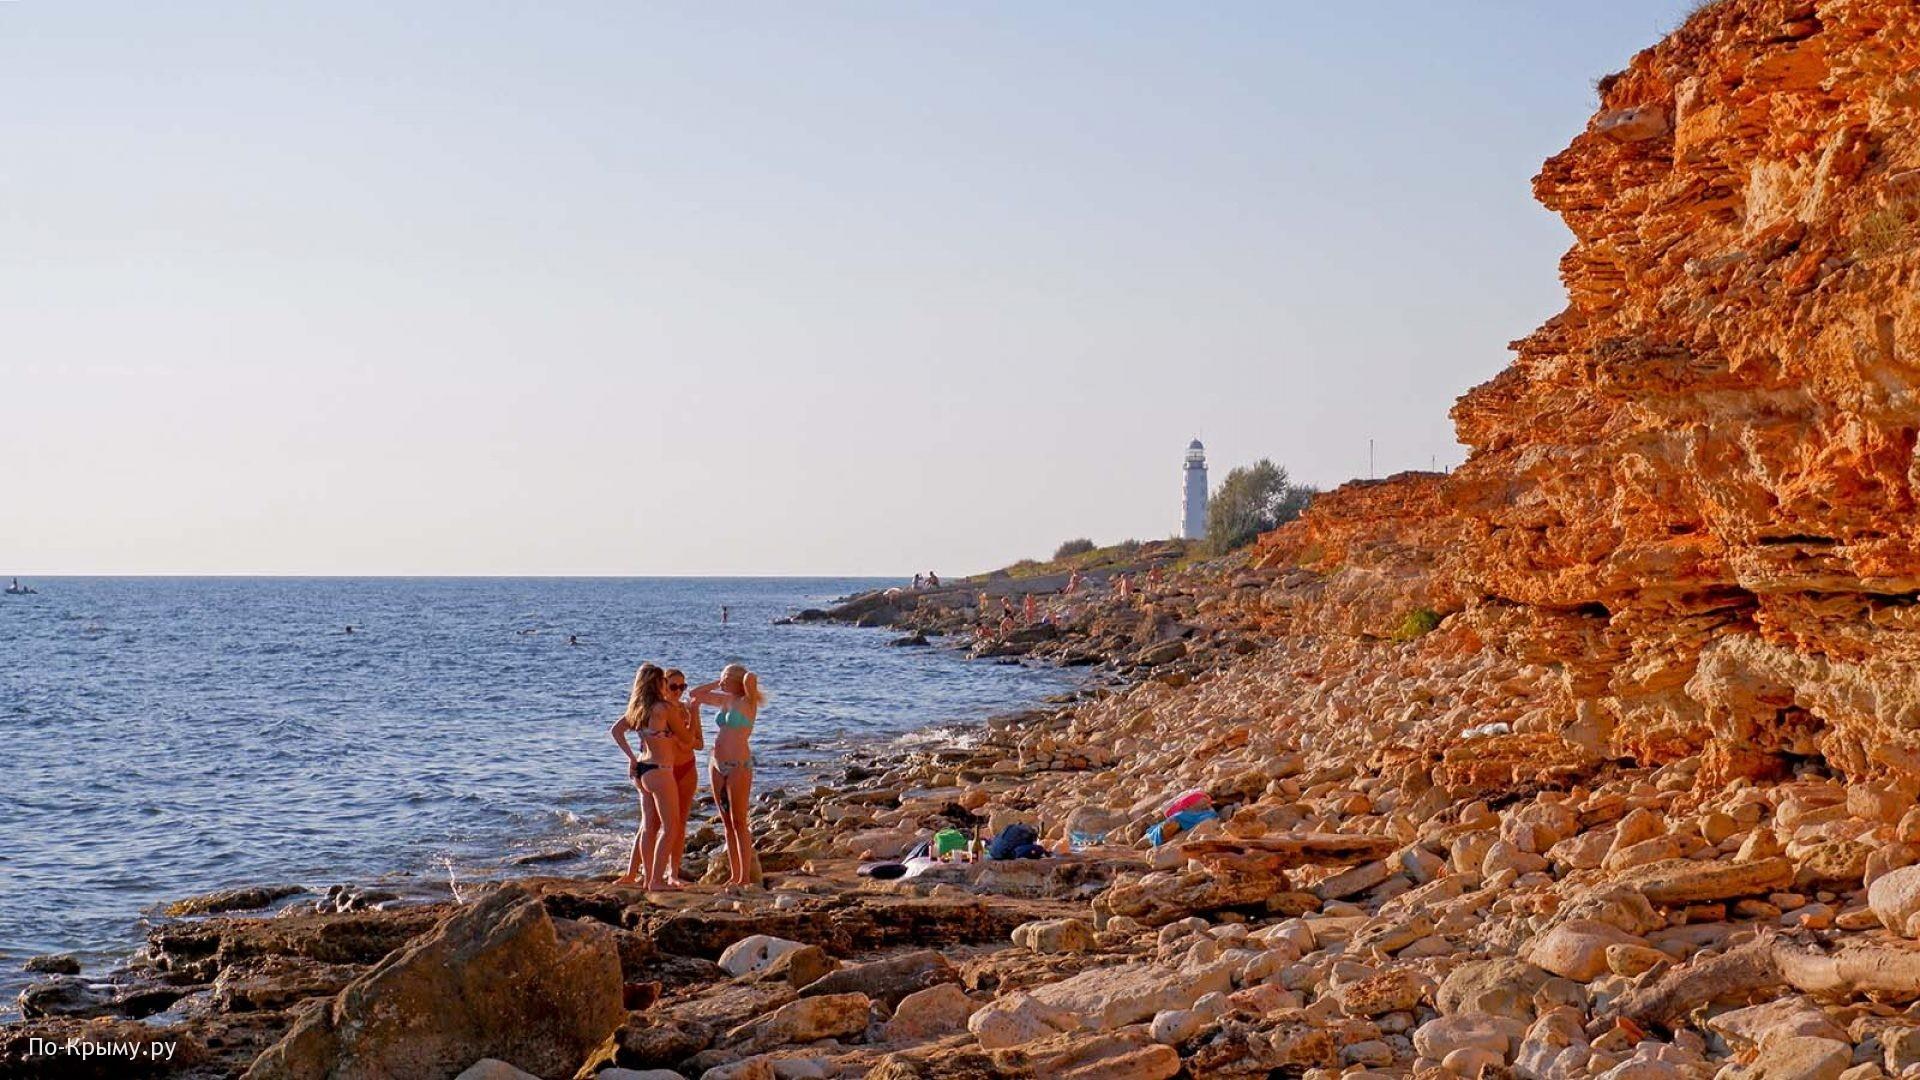 Мыс Херсонес маяк, пляж